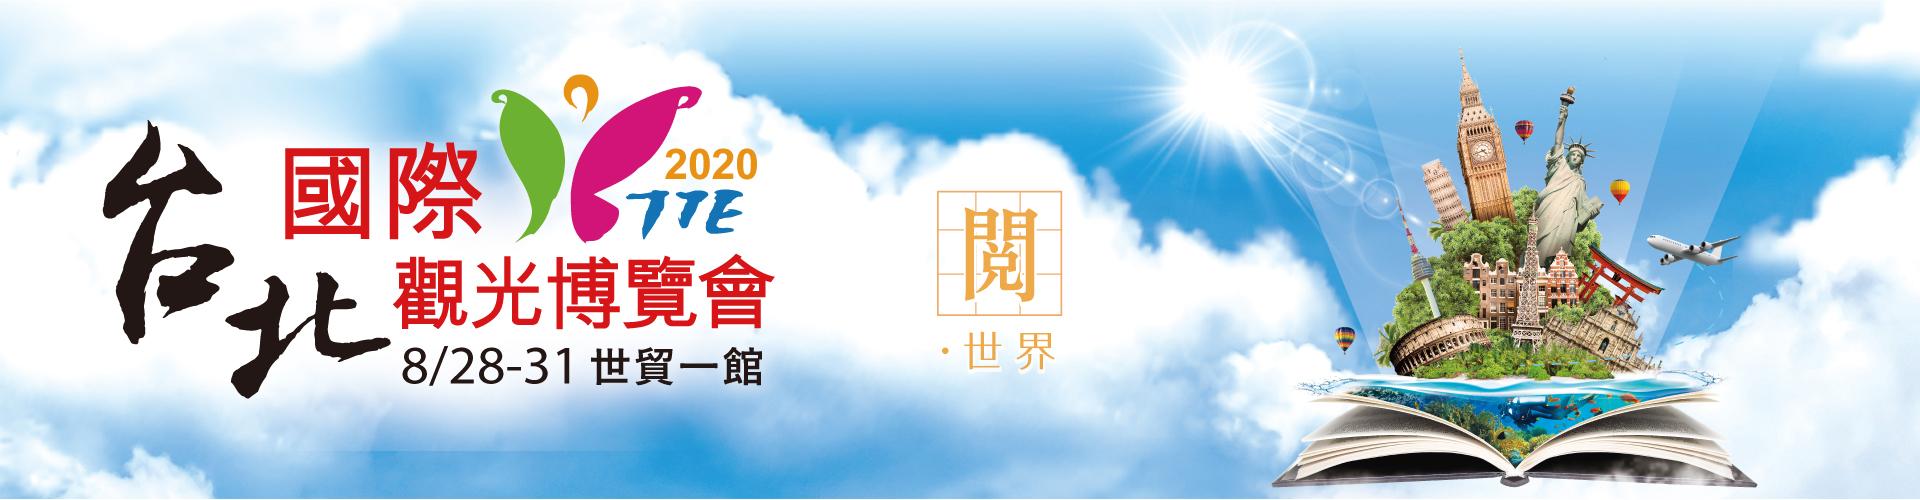 2020台北國際觀光博覽會